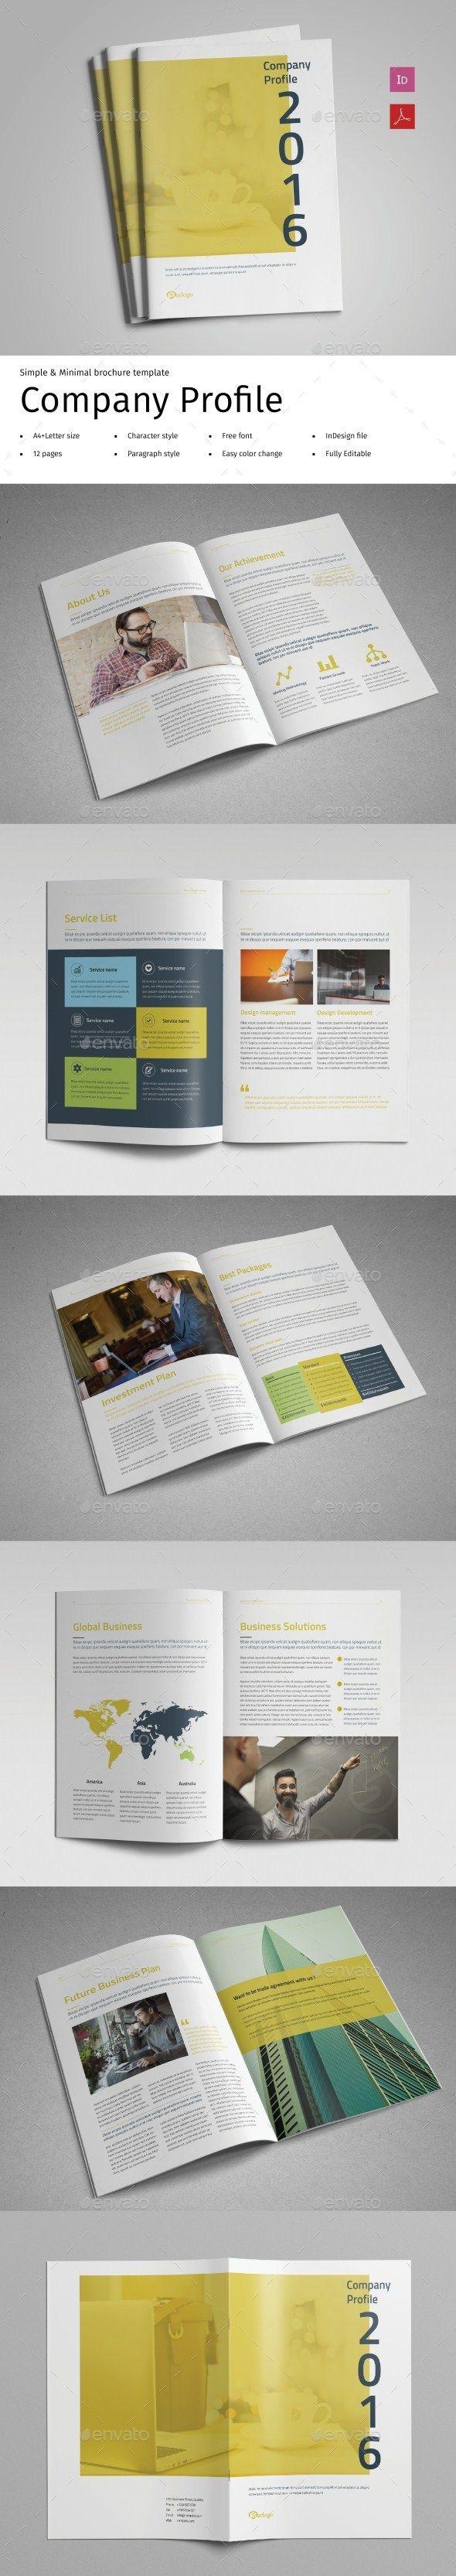 Company Profile Vol.2   Company profile, Brochure template and ...